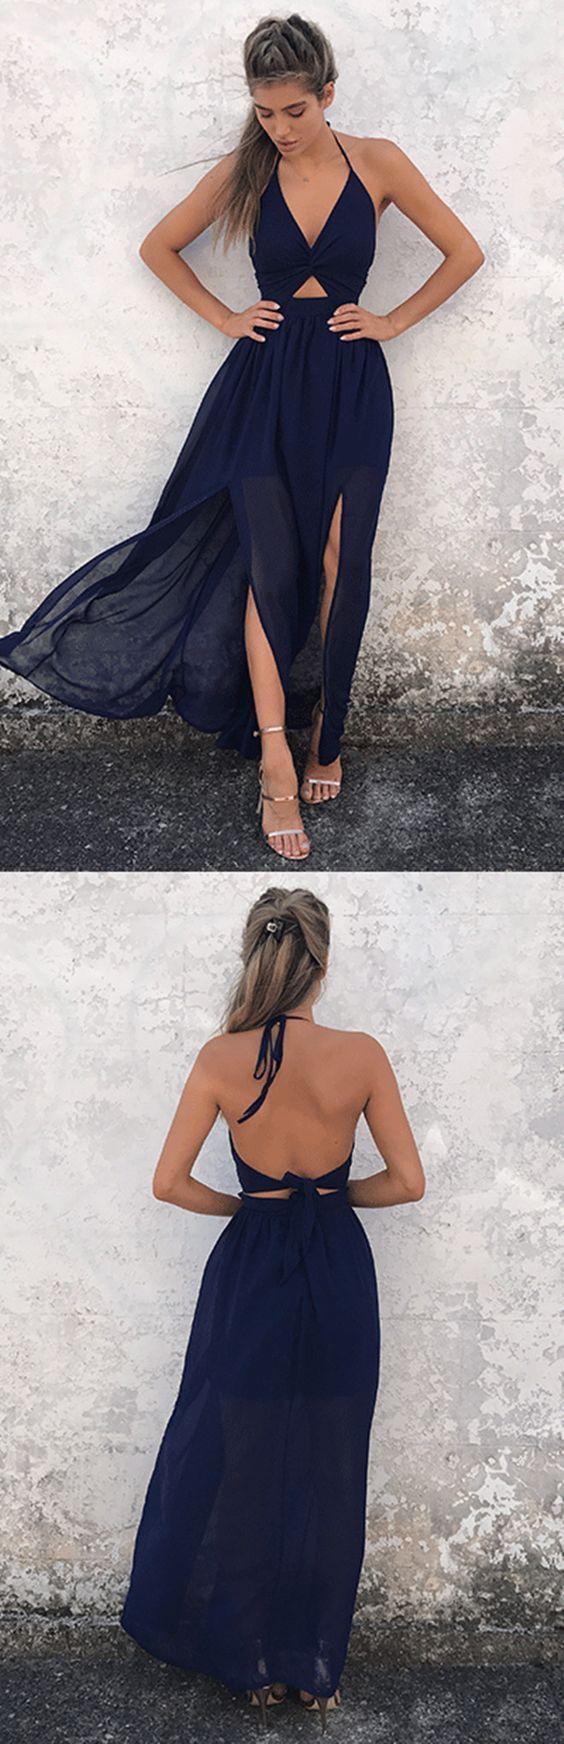 20 Genial Dunkelblaues Bodenlanges Kleid Bester Preis20 Coolste Dunkelblaues Bodenlanges Kleid Bester Preis